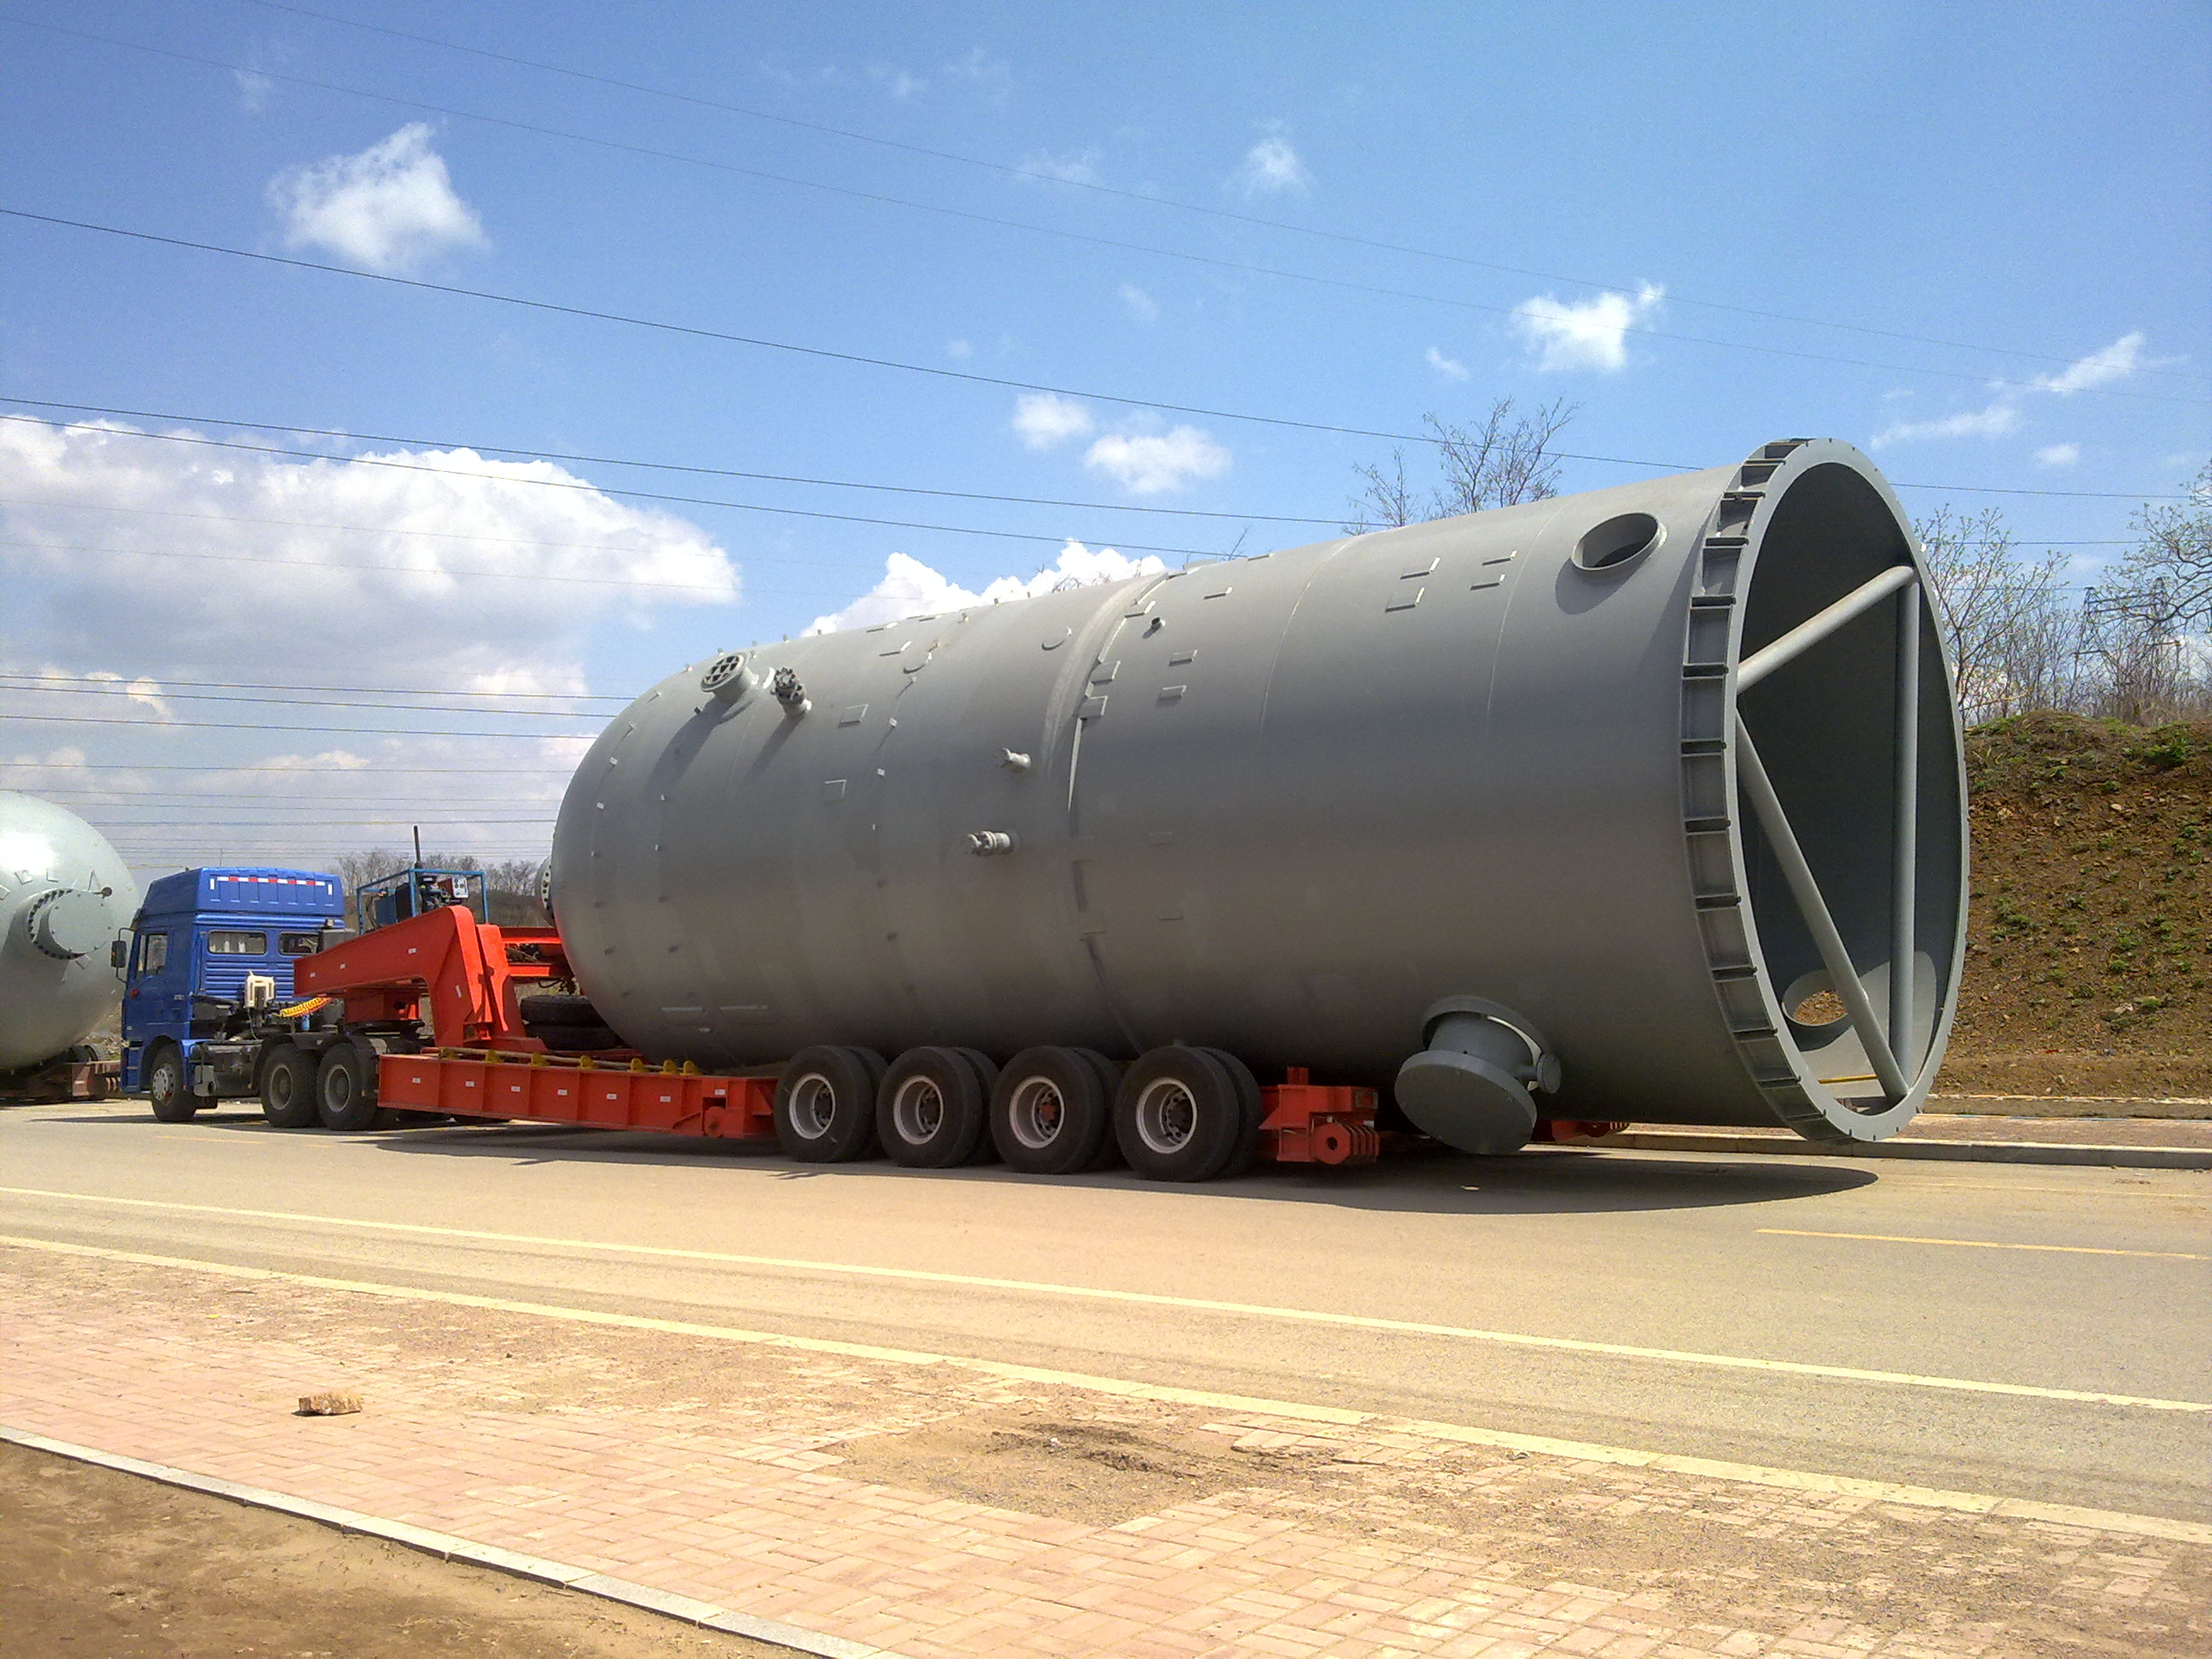 上图是公司承运西安冶金厂-新疆克拉玛依油田设备bob登录,长14米、直径4.65、重43吨,本次bob登录难点是:货物长度长、直径大、重量重,特别在高度过大的情况下,彰显出框架板的优势,由板车自身内无承重大梁,可将部分尺寸镶嵌在板车承重梁一下,为本次成功bob登录提供了重要数据保障。.jpg